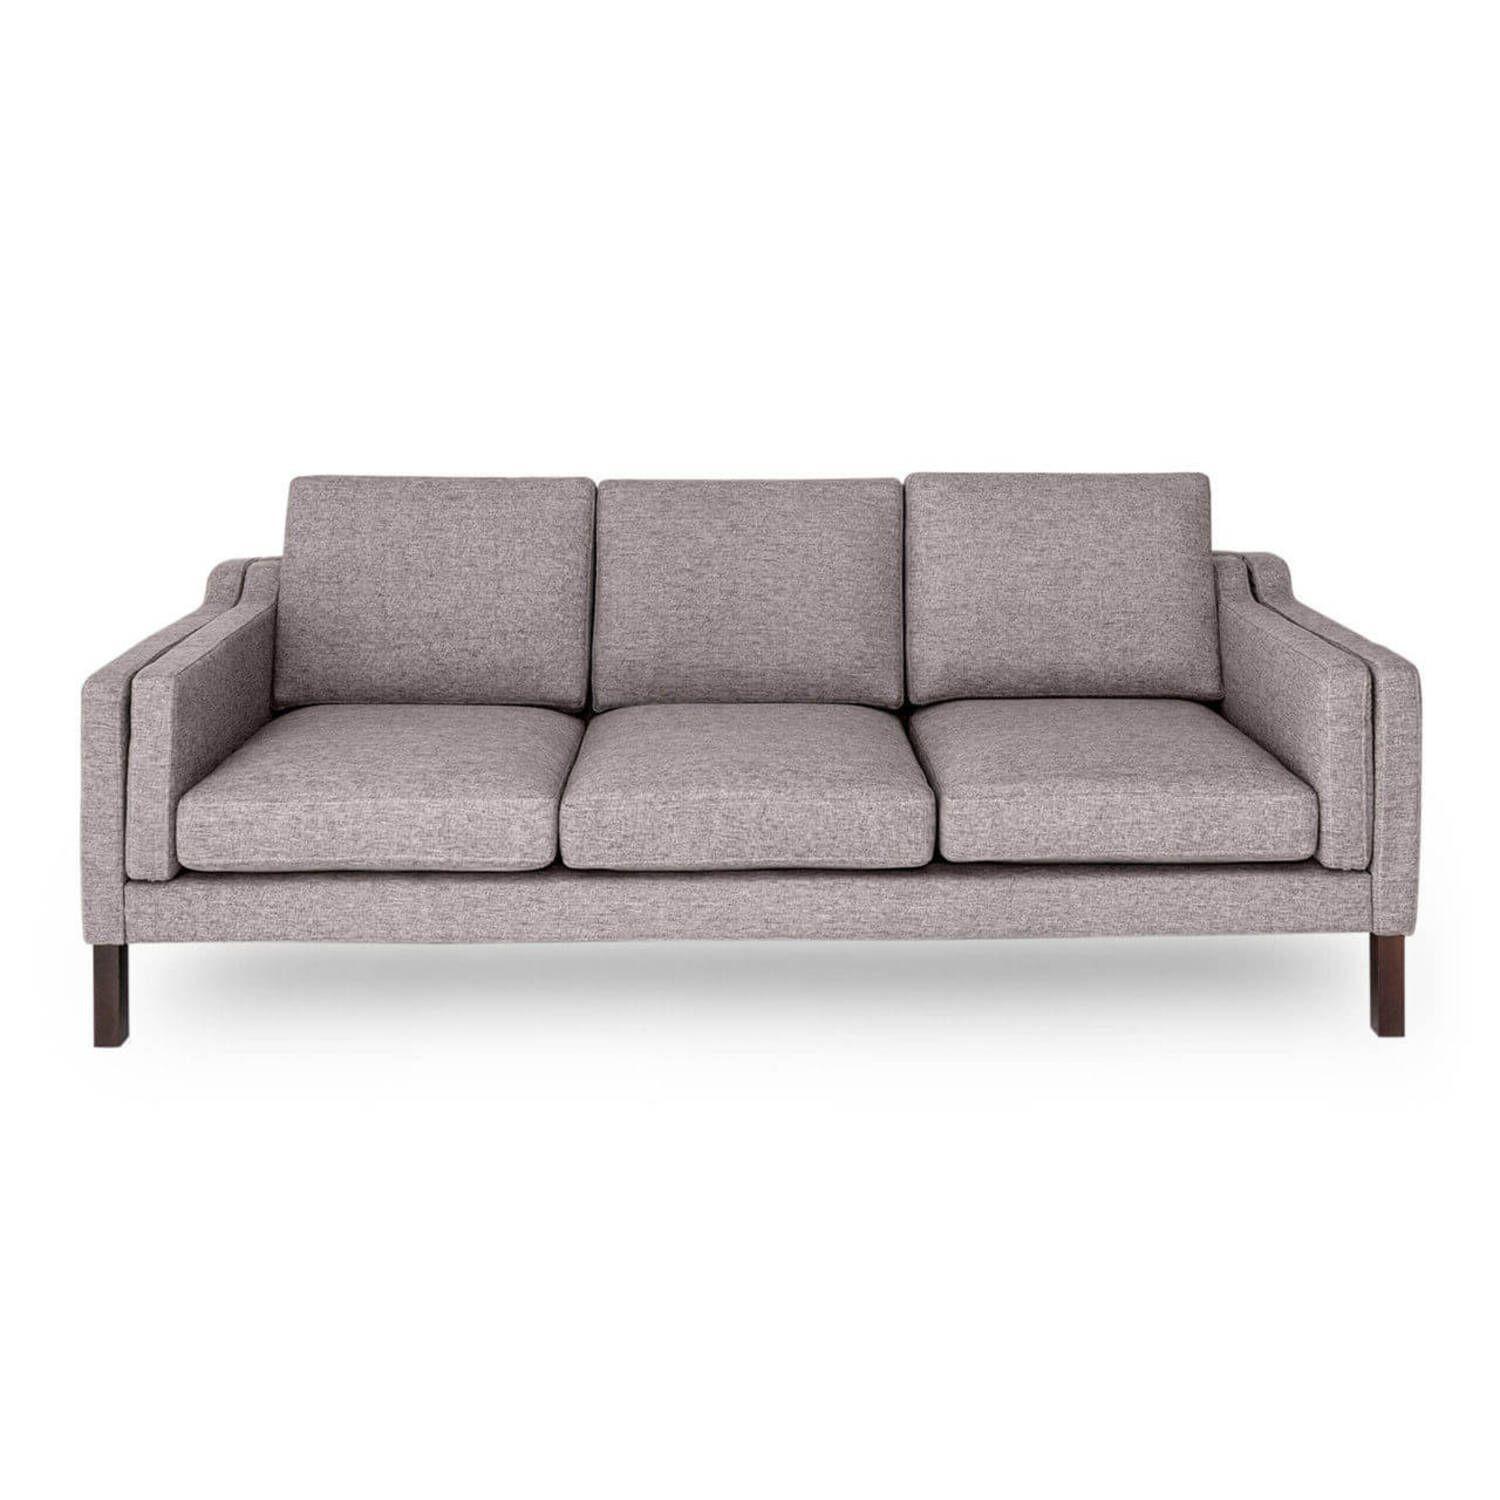 Светло-серый прямой диван Monroe, скандинавский эко дизайн